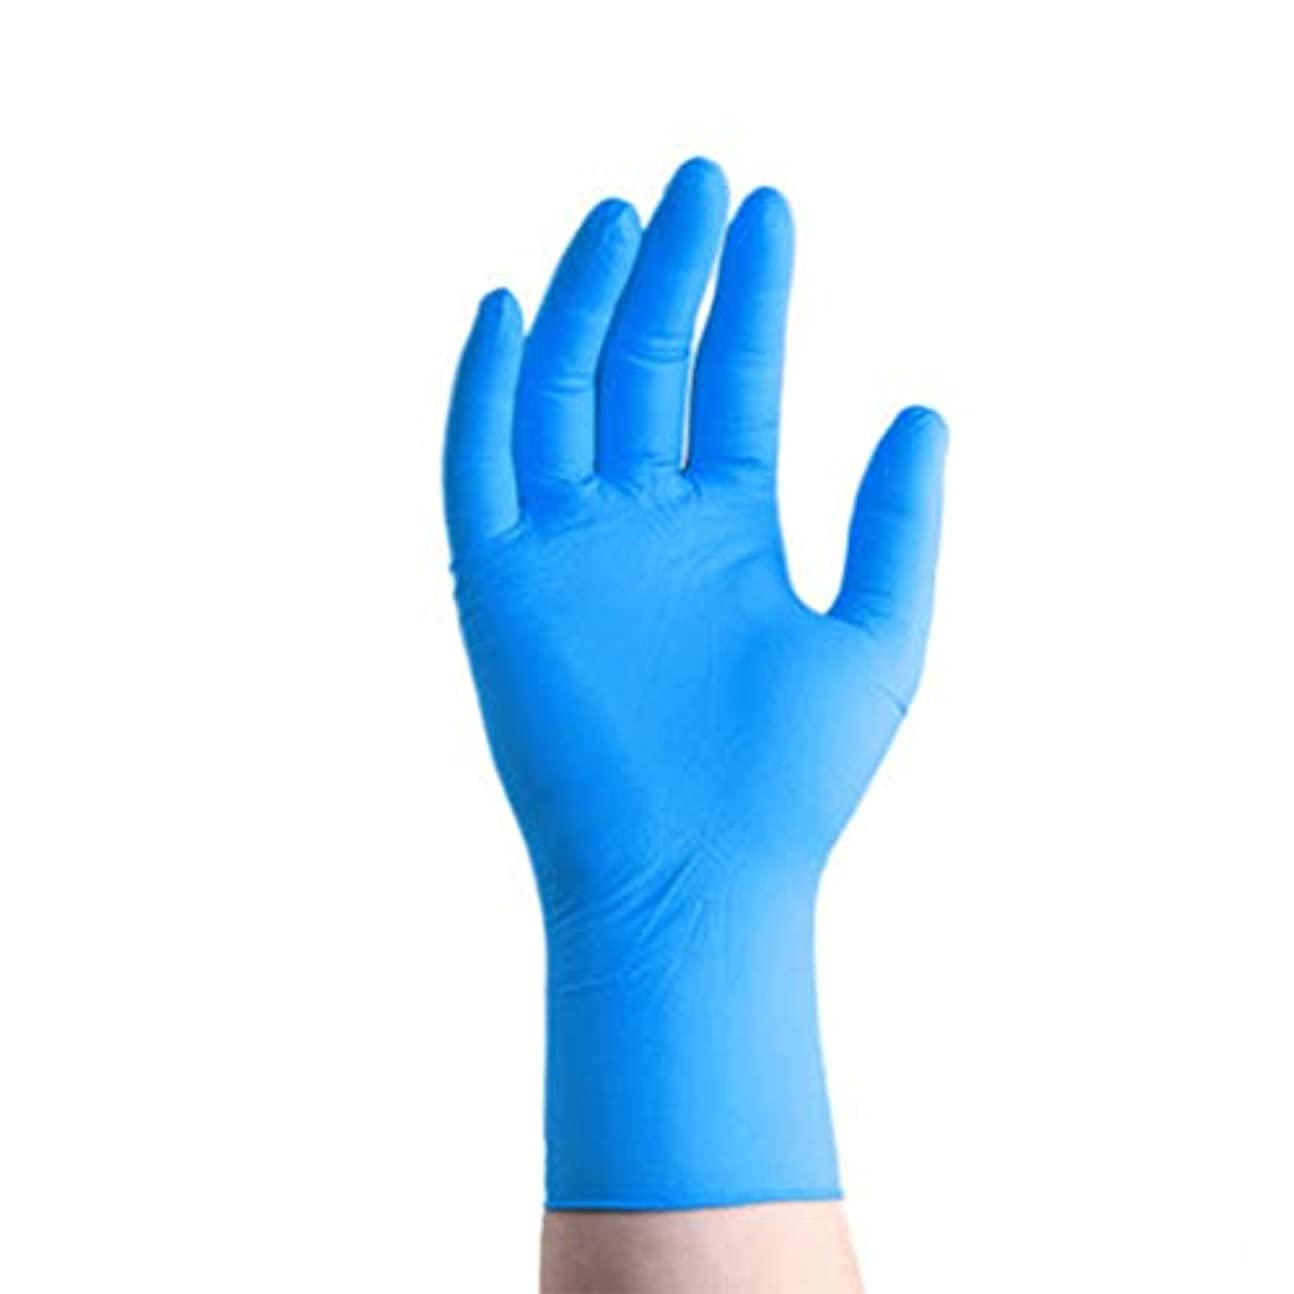 バスト連邦先入観使い捨て手袋 ニトリル ゴムラテックス手袋 滑りにくい 超弾性 実用 衛生 多用途 100枚入 (L, ライトブルー)